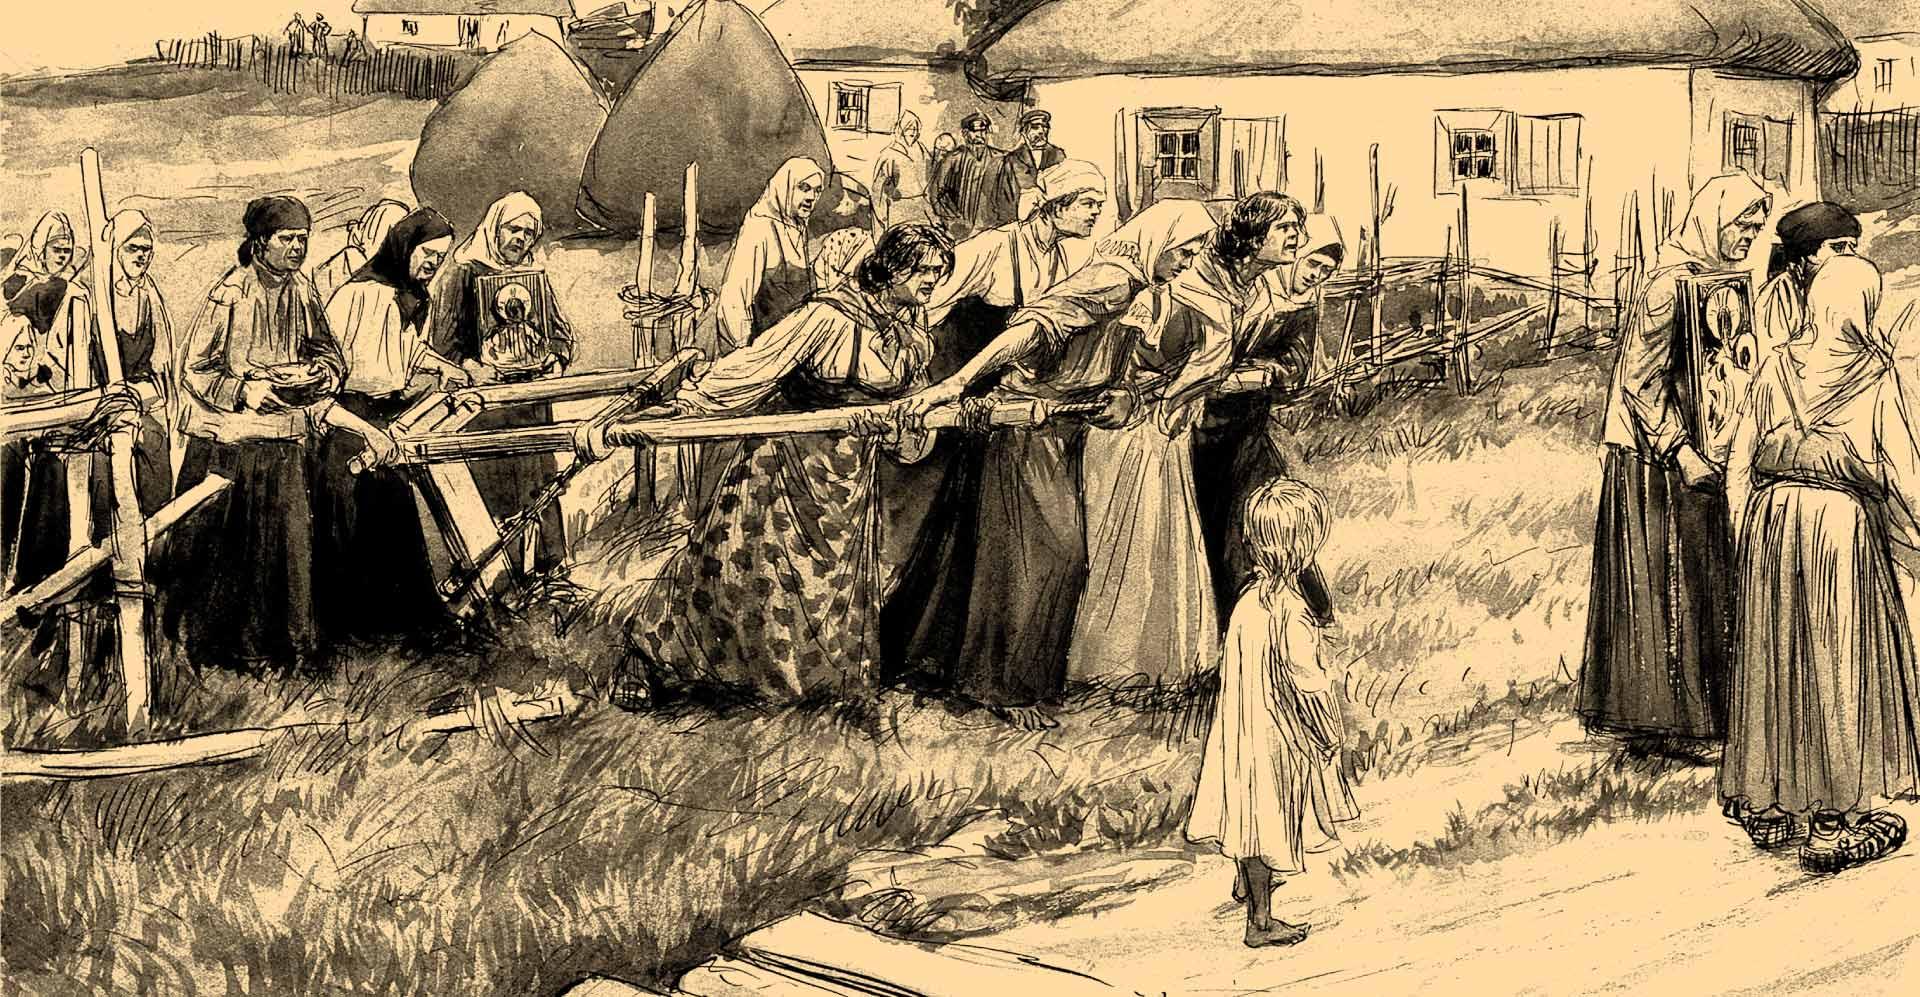 Procesión religiosa en Rusia cólera